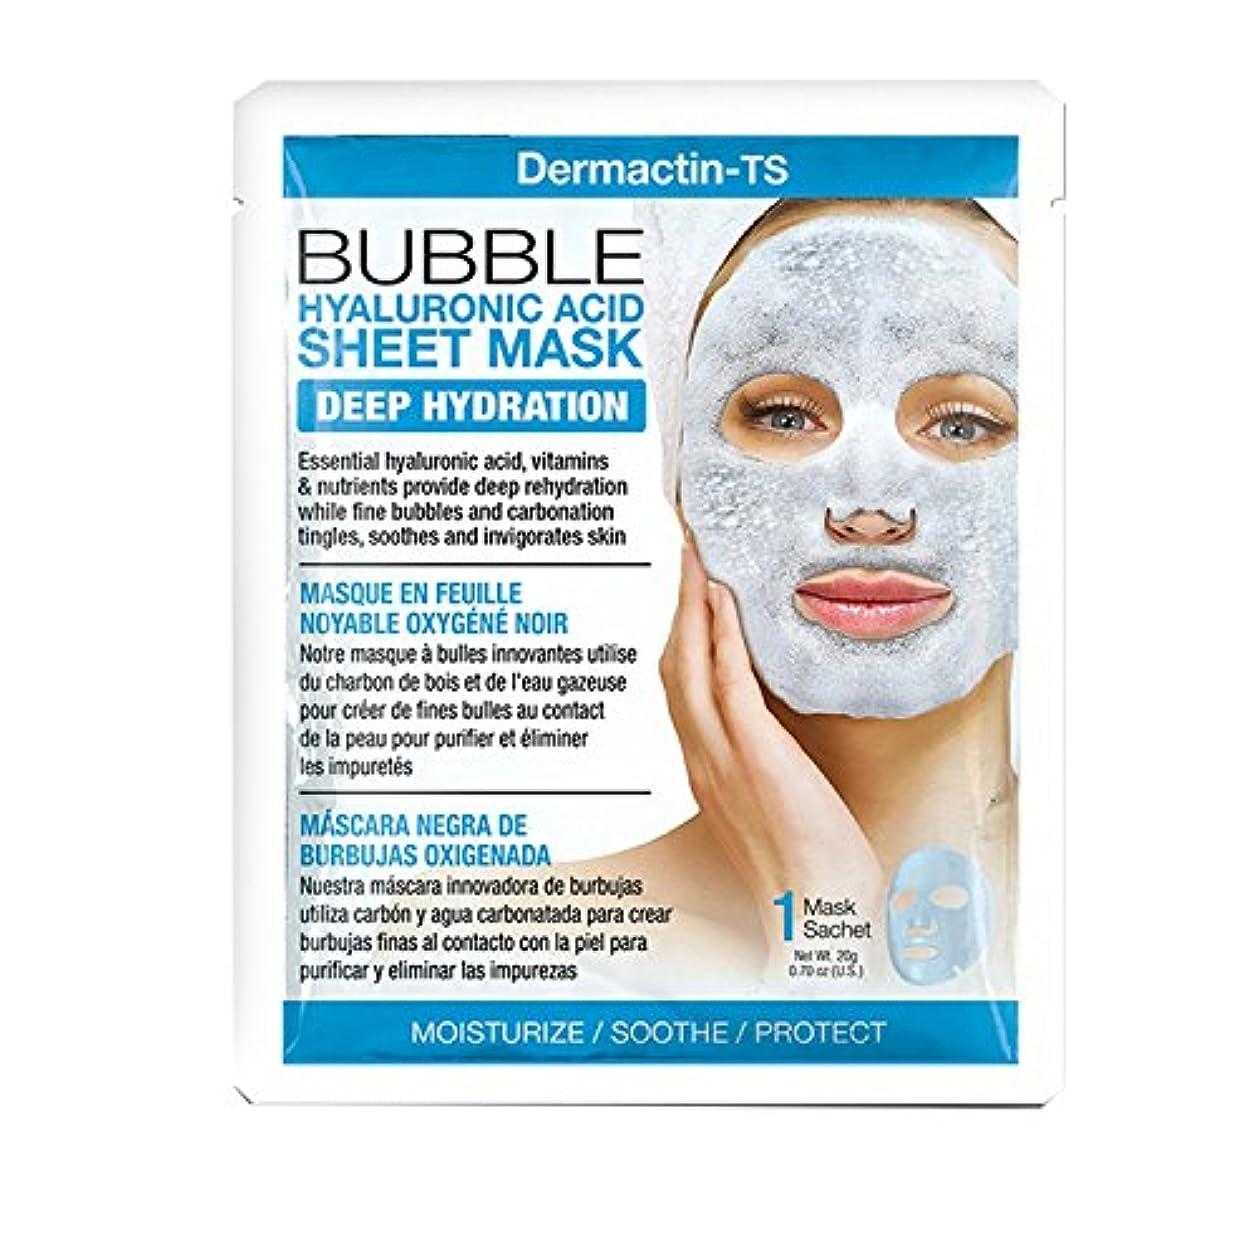 似ている確立慈善Dermactin-TS バブルヒアルロン酸シートマスク (並行輸入品)